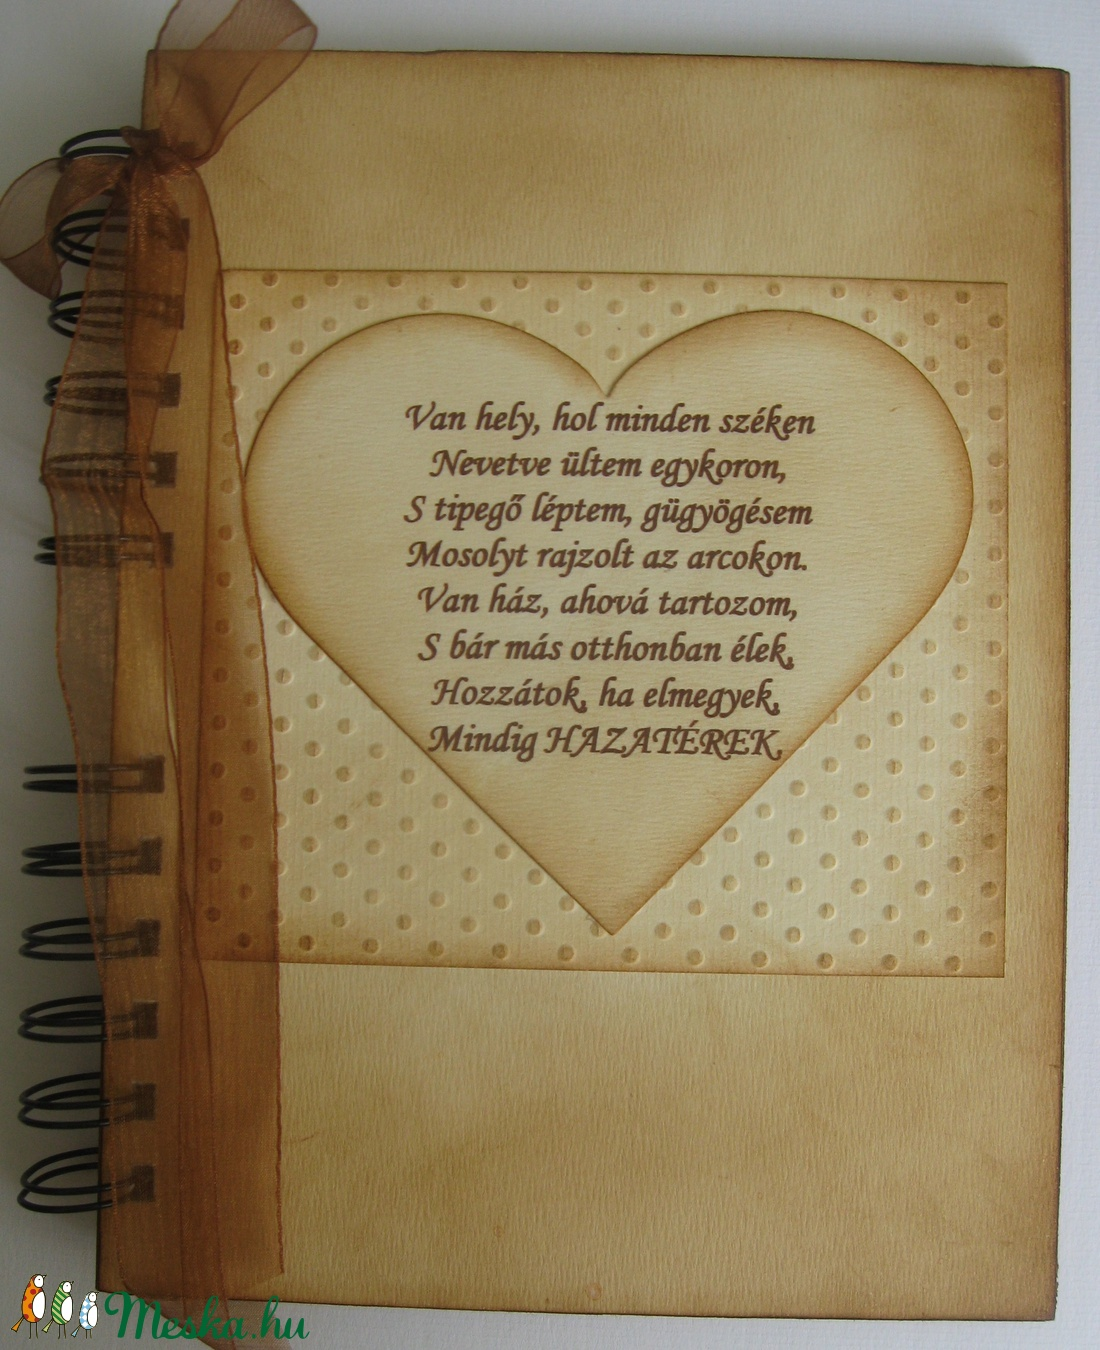 köszönet idézetek esküvőre Meska   Egyedi Kézműves Termékek és Ajándékok Közvetlenül a